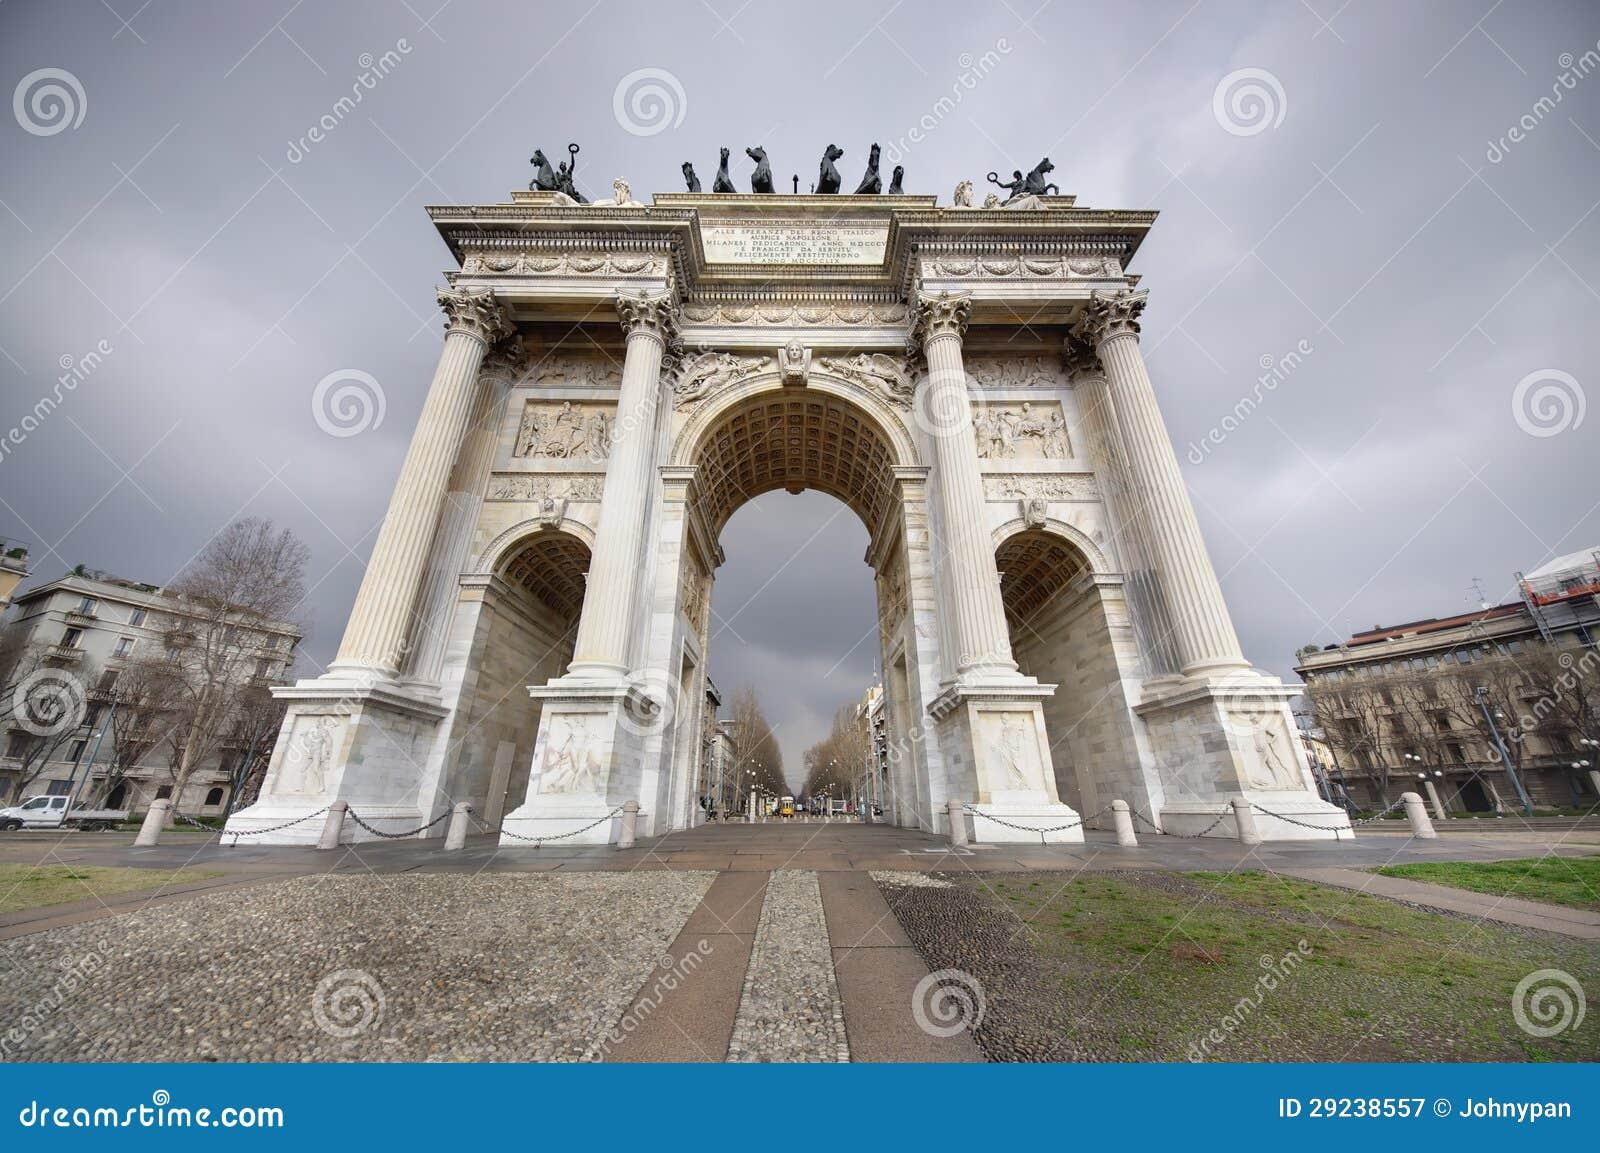 Download Arco da paz, Milão imagem de stock. Imagem de marco, famoso - 29238557